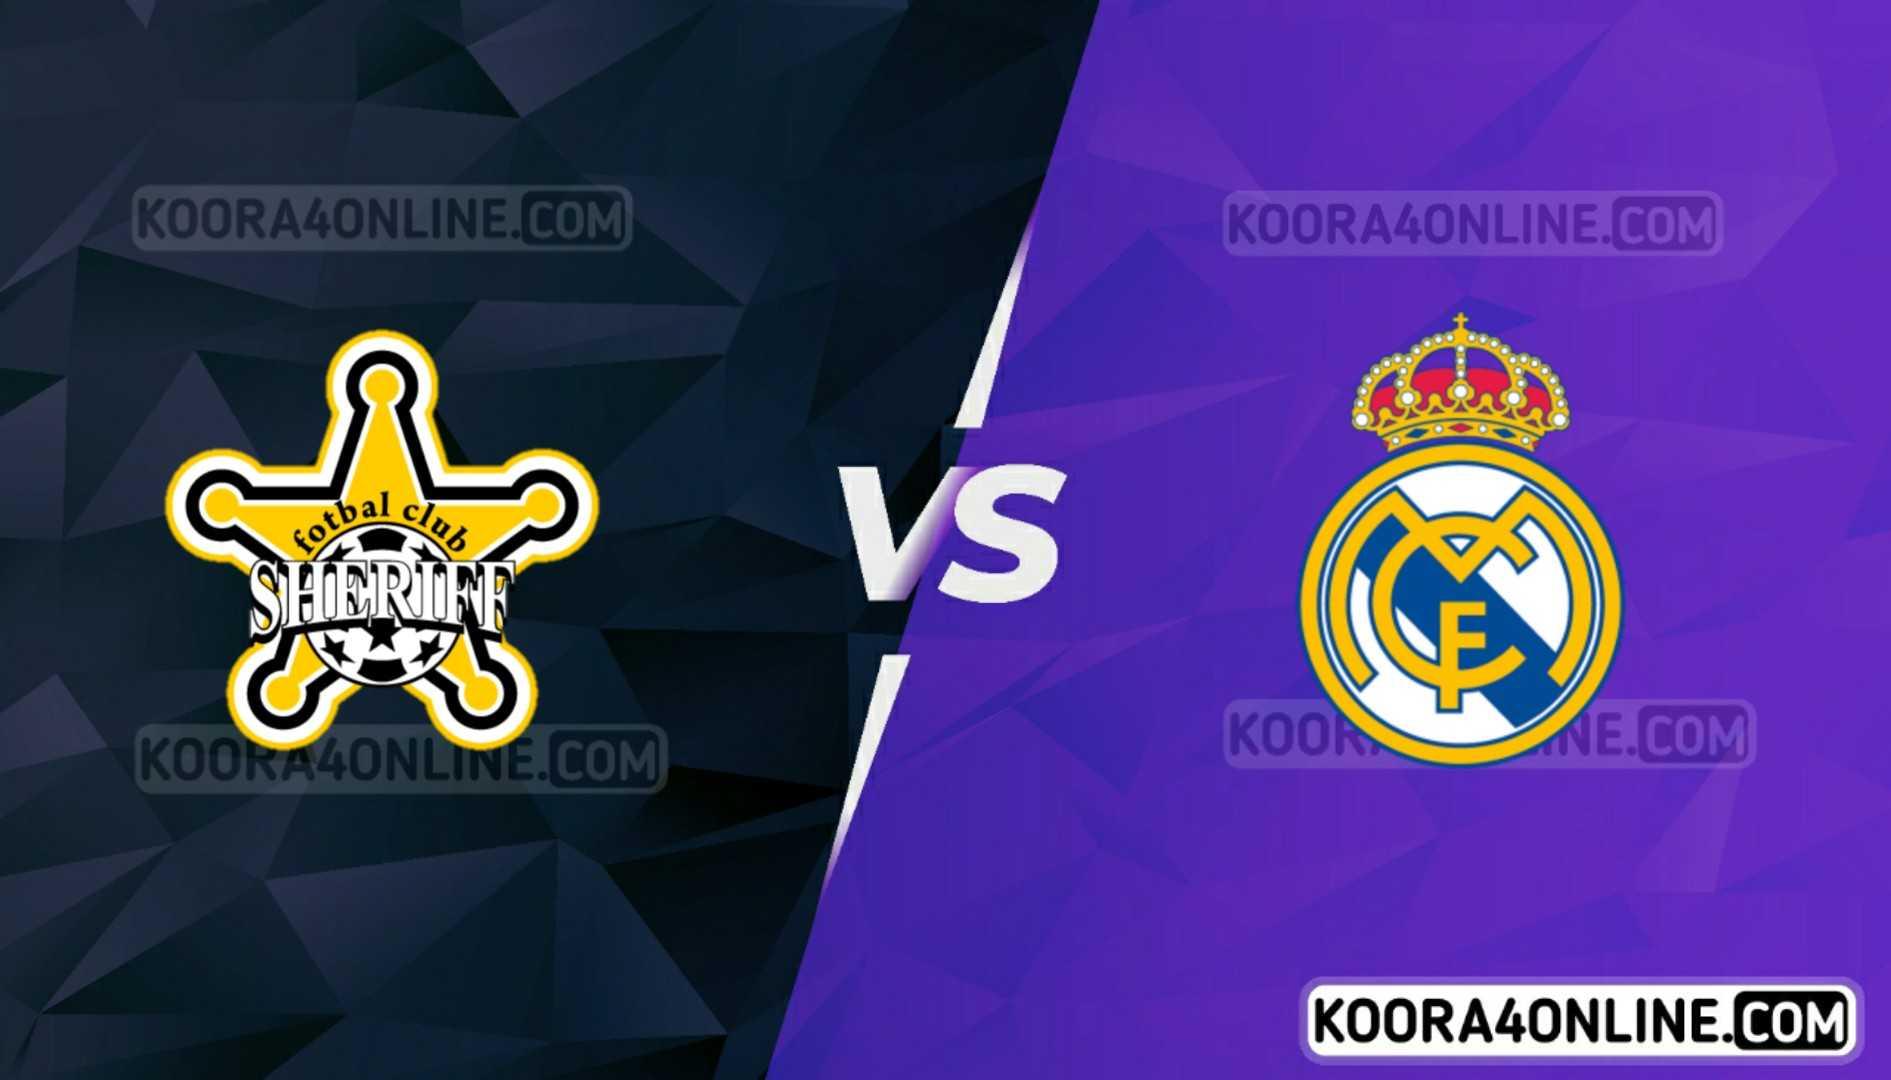 مشاهدة مباراة ريال مدريد وشيريف القادمة كورة اون لاين بث مباشر اليوم 28-09-2021 في دوري أبطال أوروبا